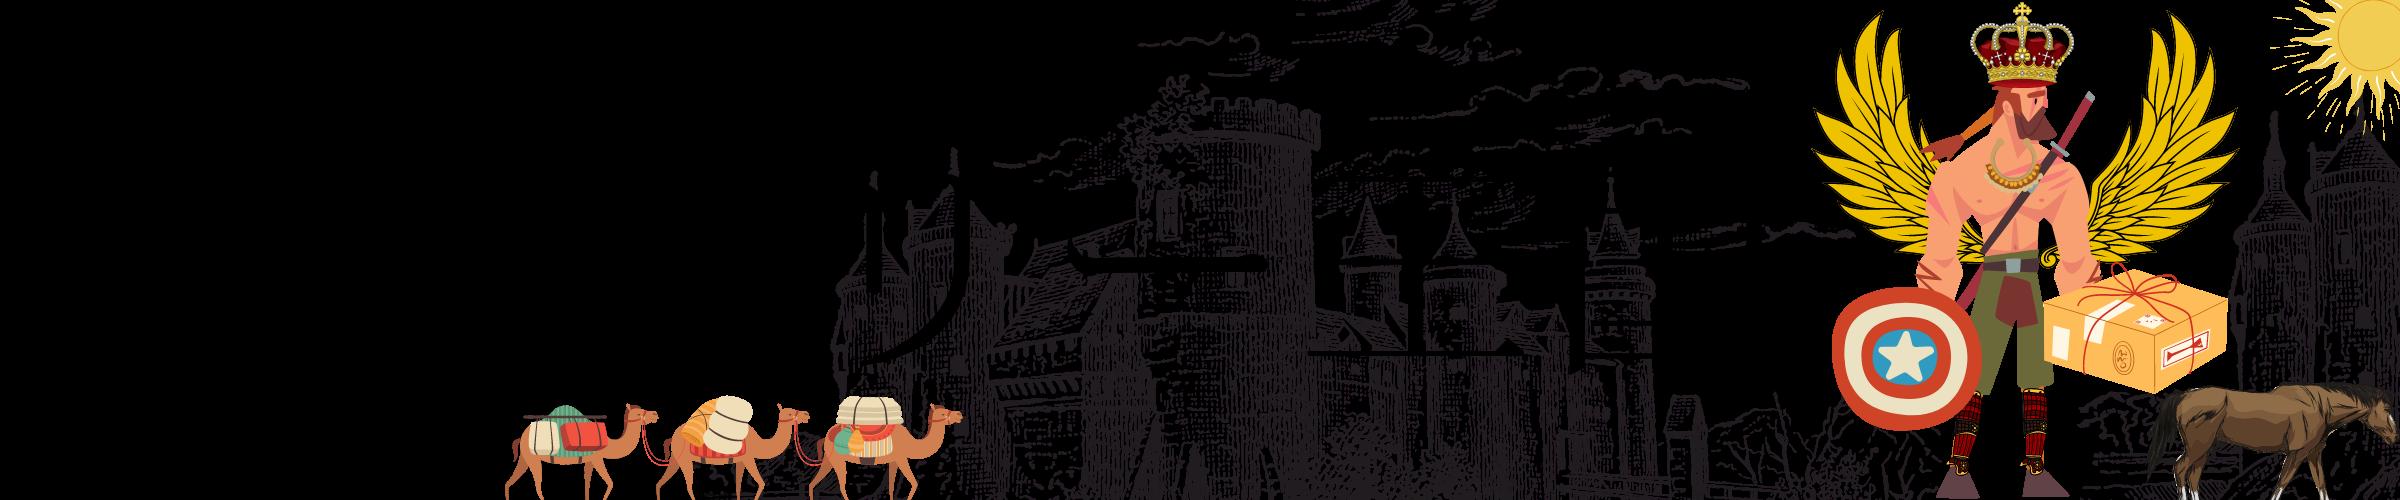 ウーバーイーツ・出前館配達員の紹介コード情報【デリバリー王国】